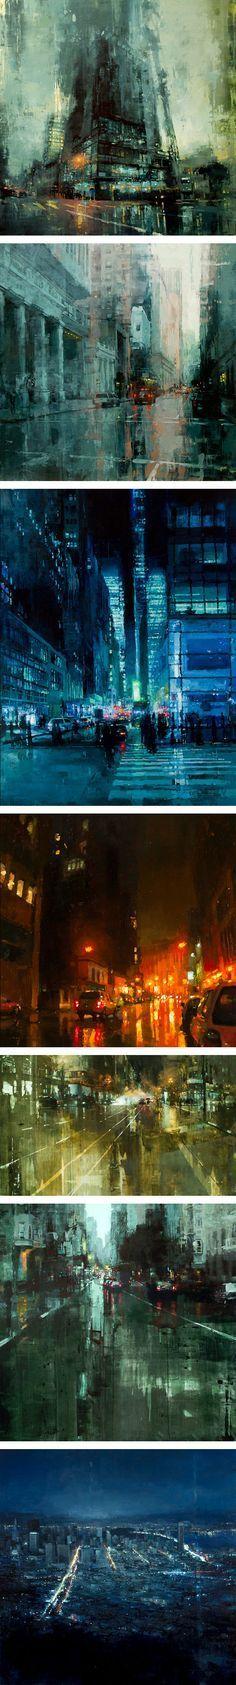 Paisagens urbanas pintadas com óleo por artwork..JR, de Jeremy Mann Lv Jeremy / Cityscapes Painted with Oils by Jeremy Mann Lv Jeremy's artwork..JR